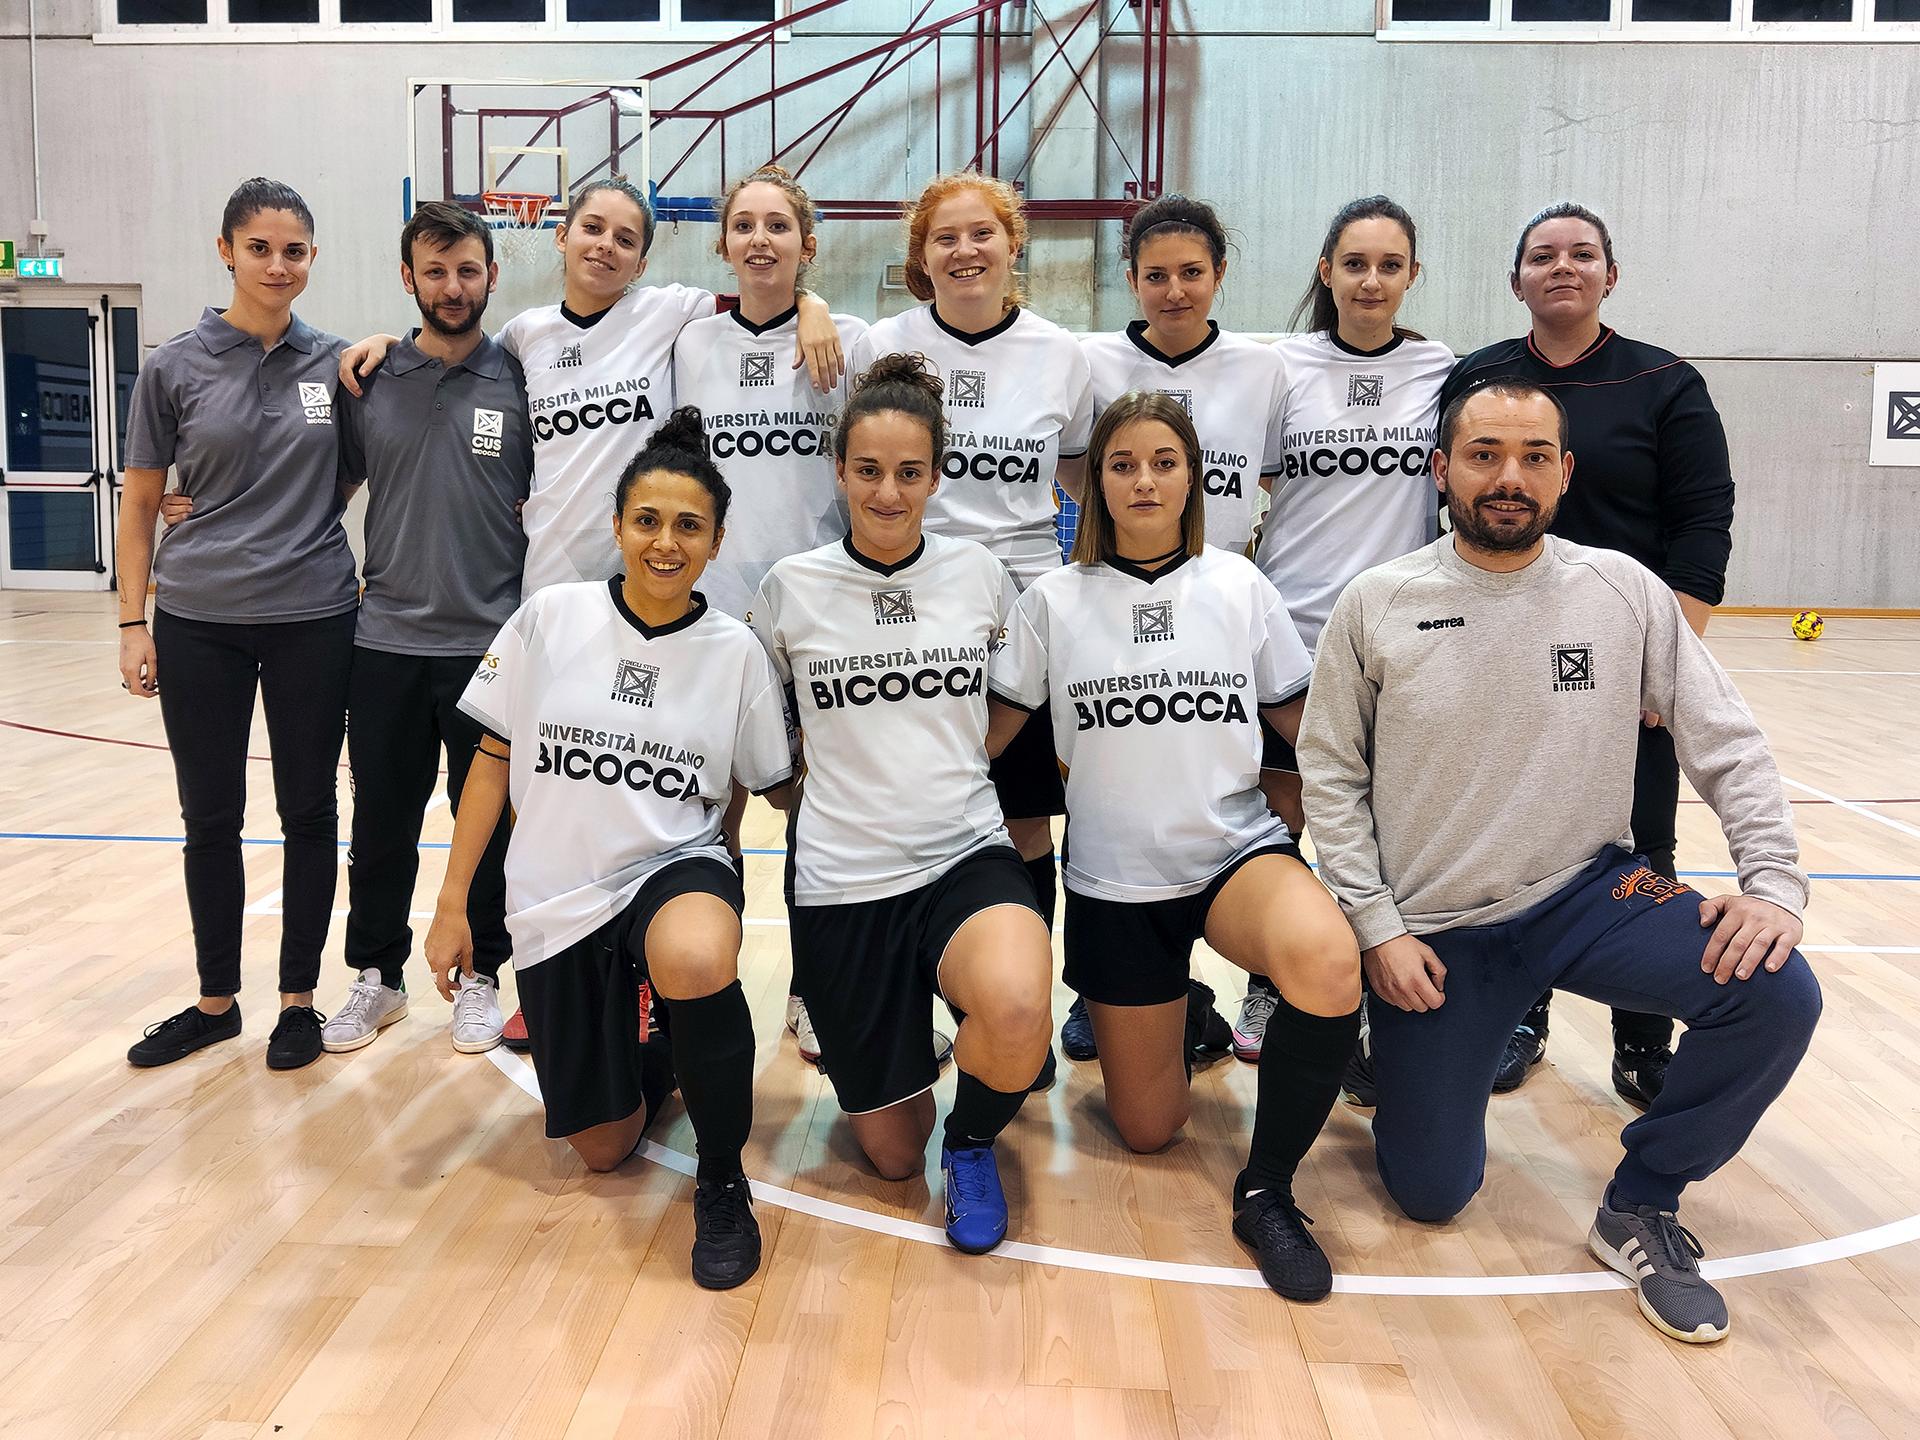 CUS Bicocca • calcio a 5 femminile 2019/20 • universitario